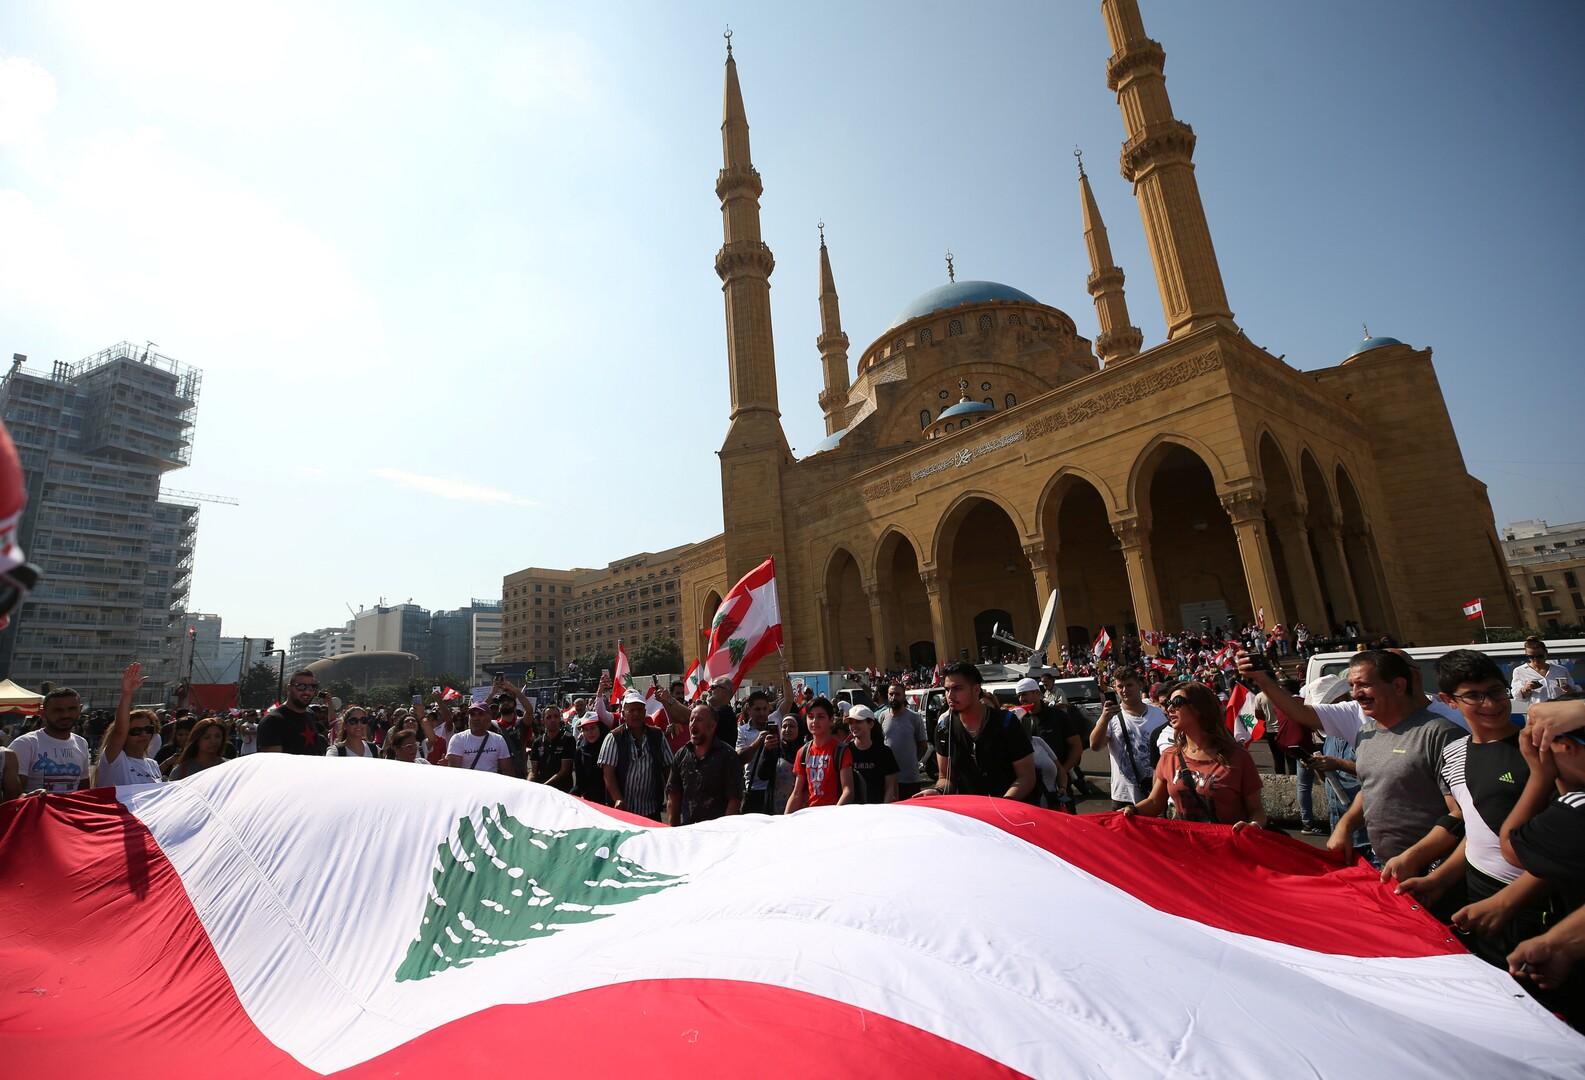 أبرز الإجراءات التي أقرتها الحكومة اللبنانية لمواجهة الأزمة الاقتصادية